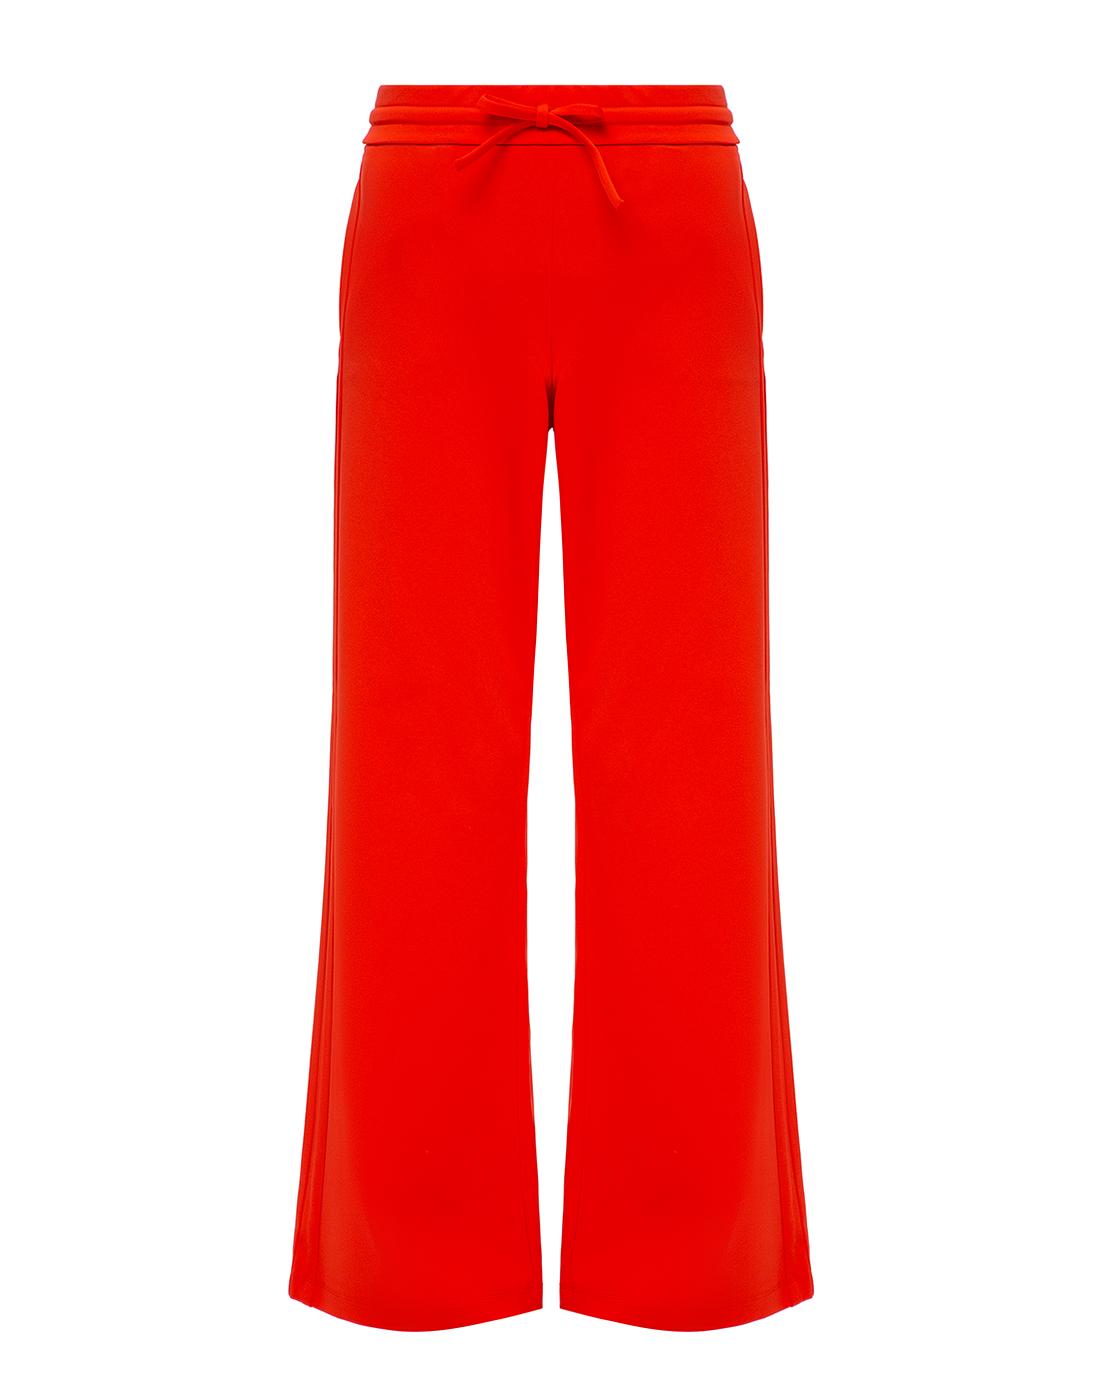 Женские красные брюки Dorothee Schumacher S626012/434-1